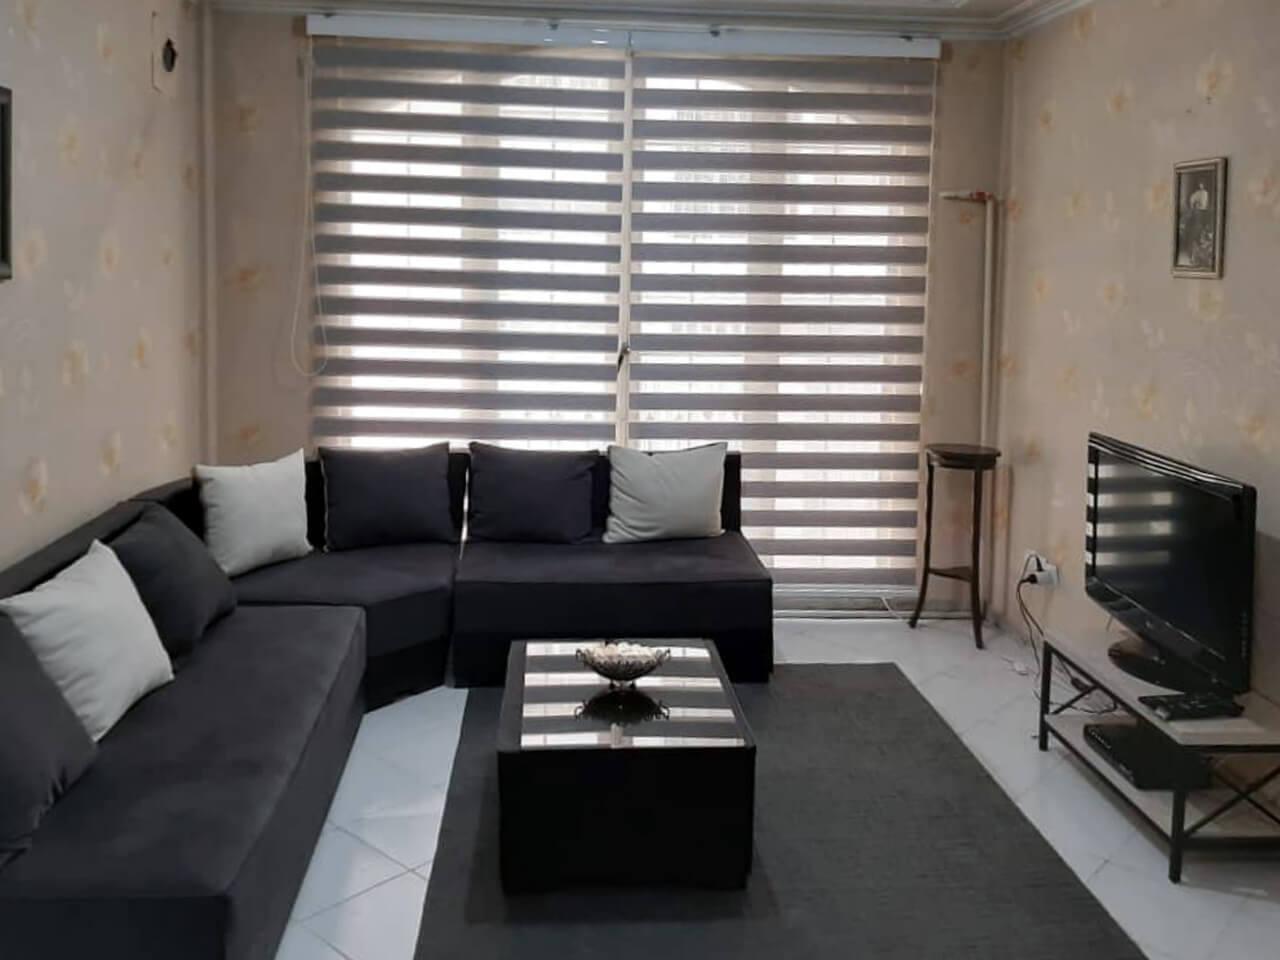 آپارتمان مبله ی یکخواب ، مجیدیه شمالی (شمس آباد)